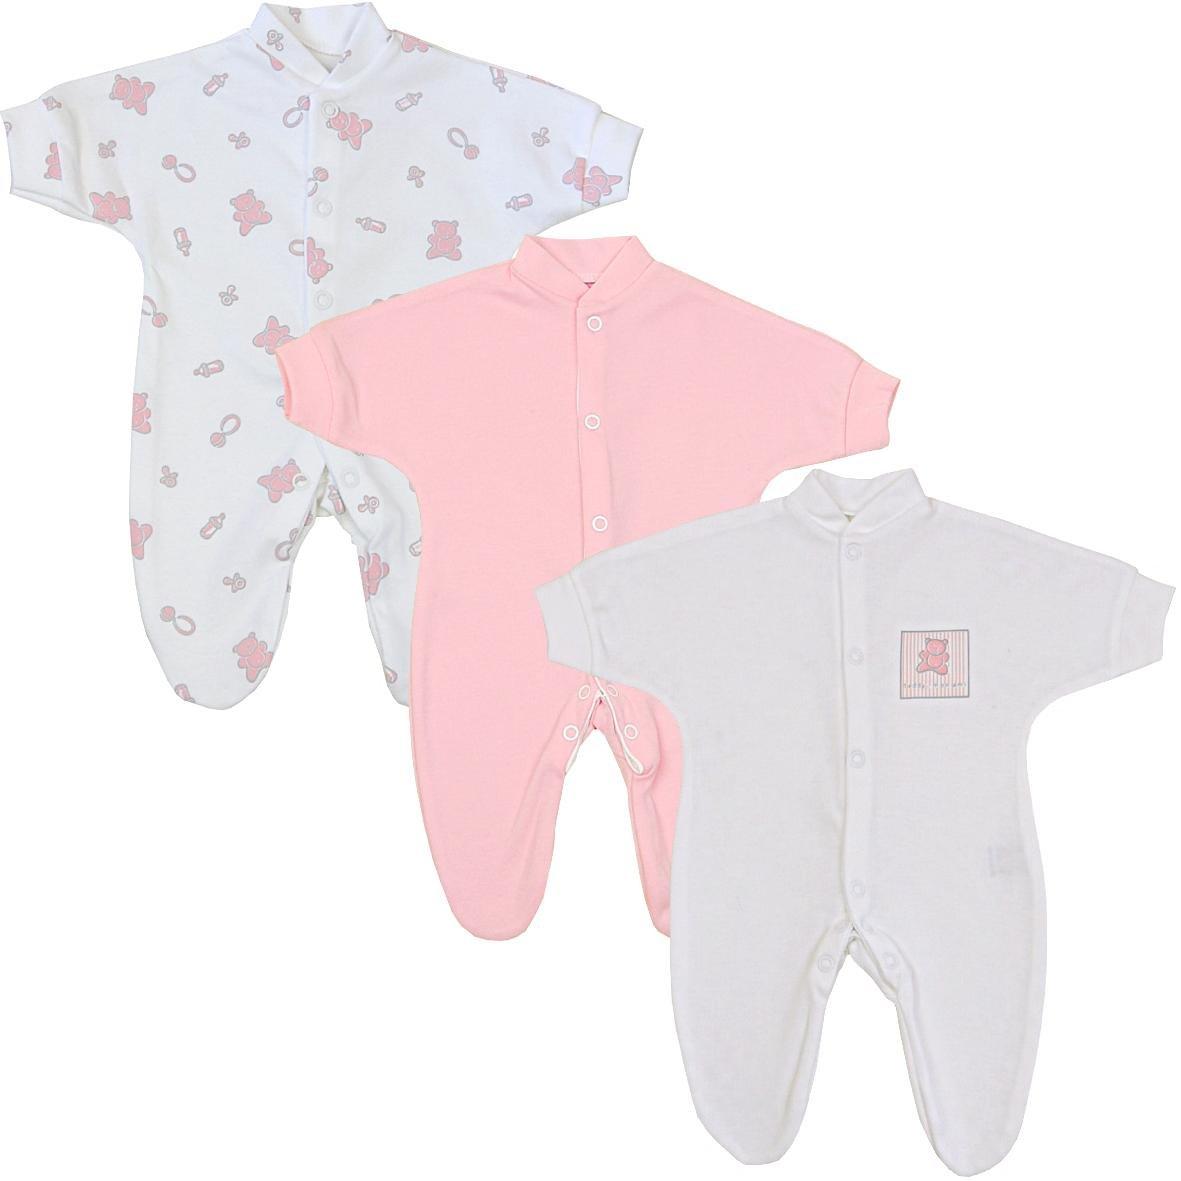 Preemie Baby Clothes Pack of 3 Sleepers Footies 1.5-7.5lb Pink Teddy P2